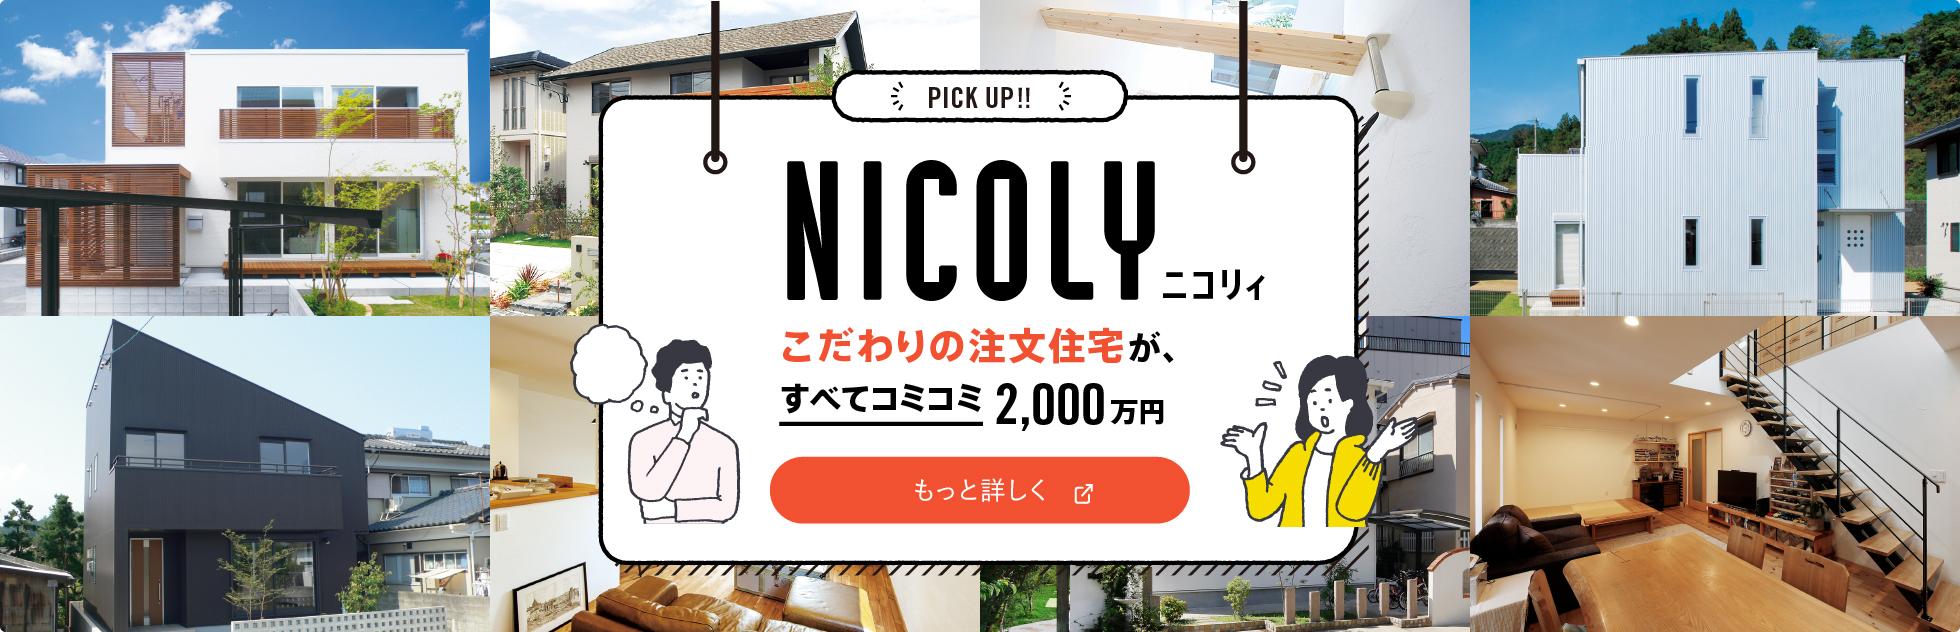 江戸川区の注文住宅工務店 ニットー住宅 NICOLYのバナー